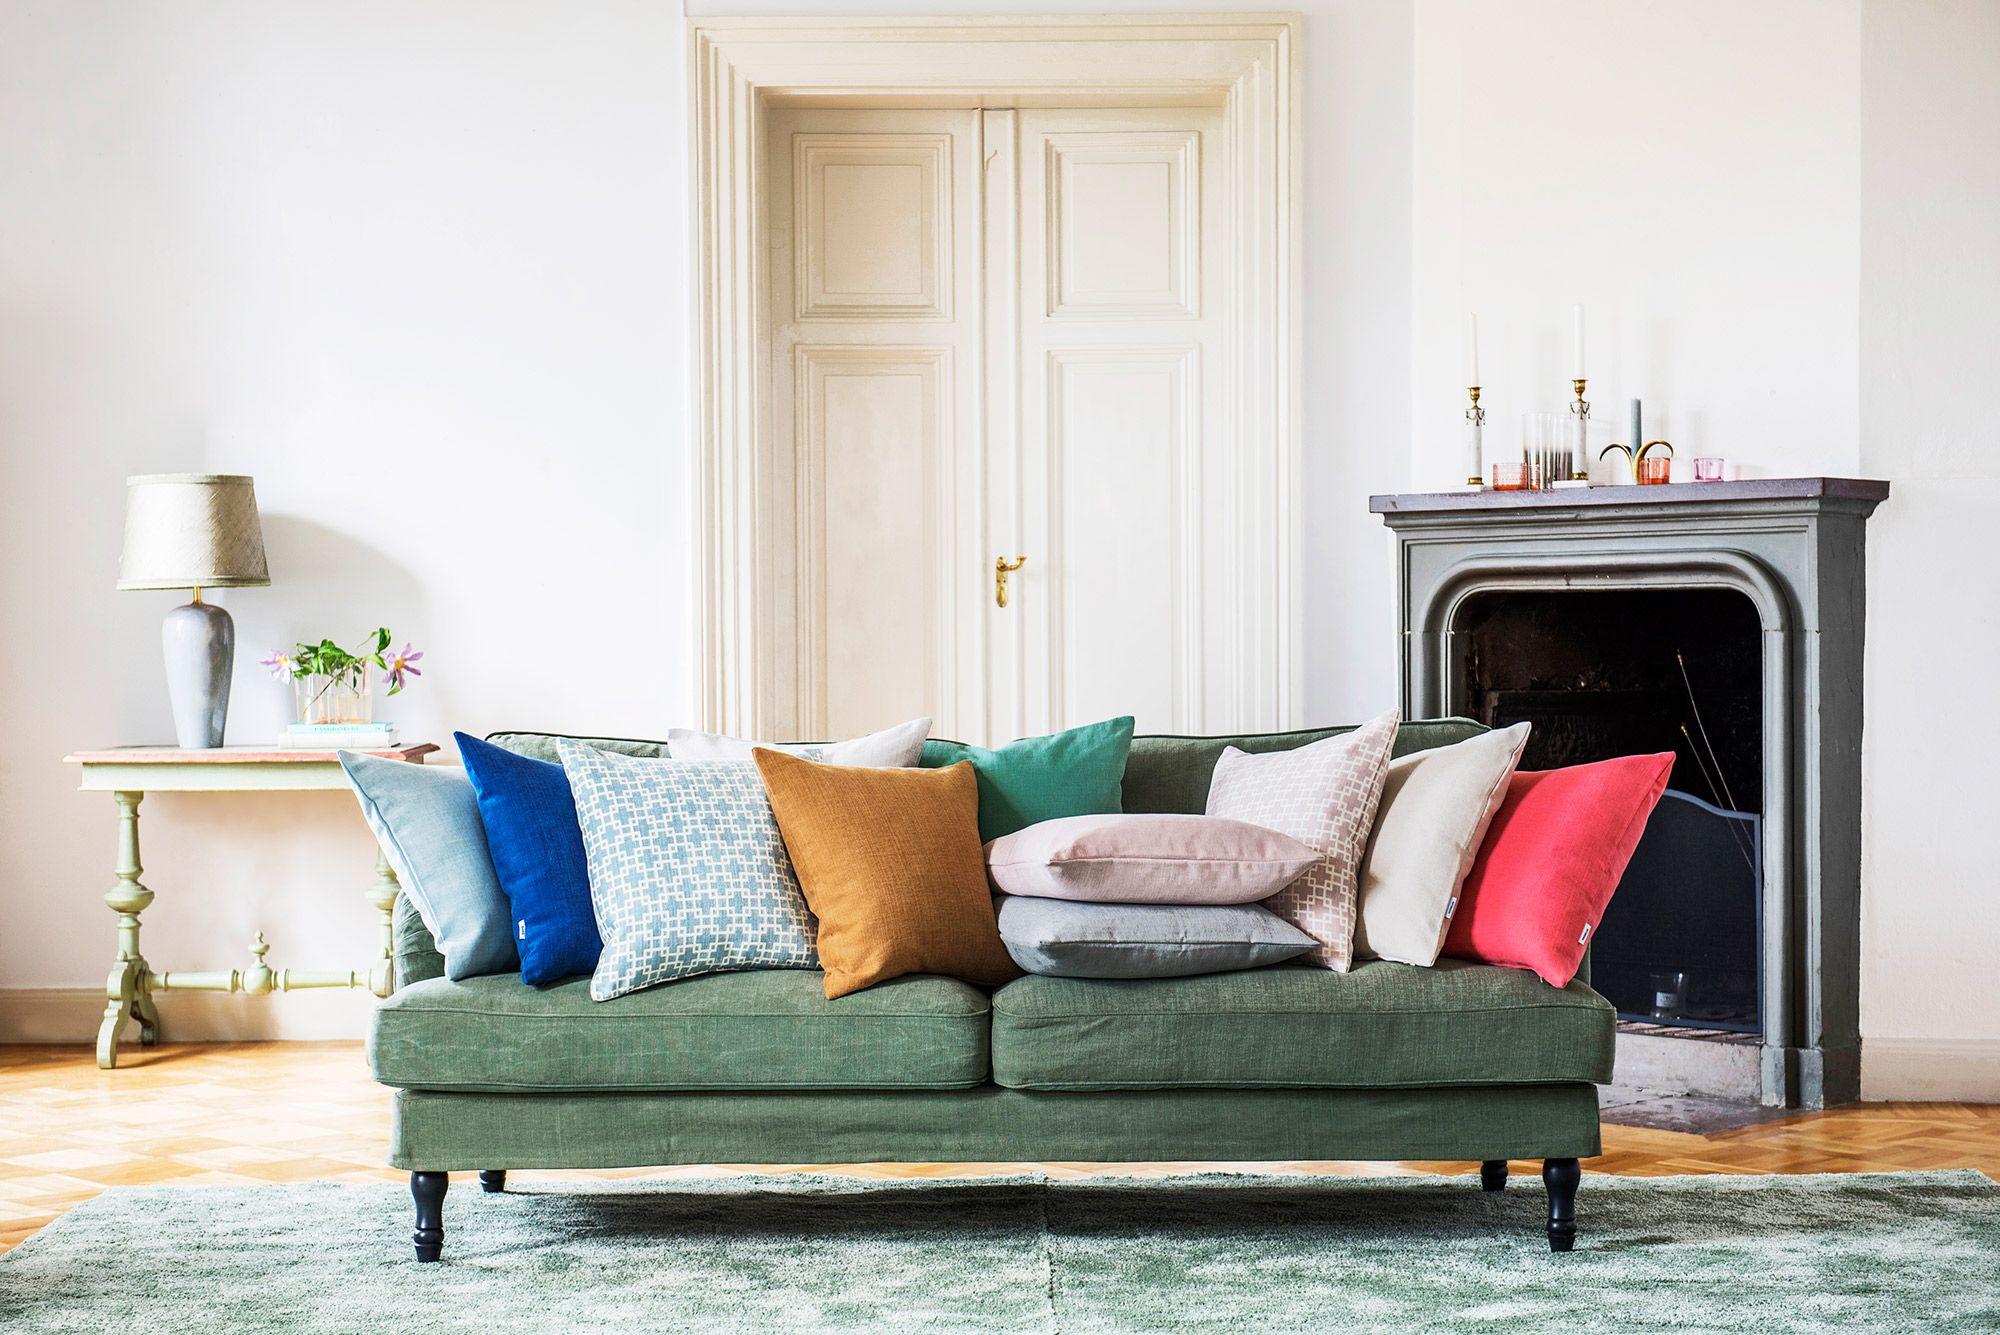 Stocksund, 2 Seater sofa cover | : B E M Z ♥ R O M O : | 2 seater ...